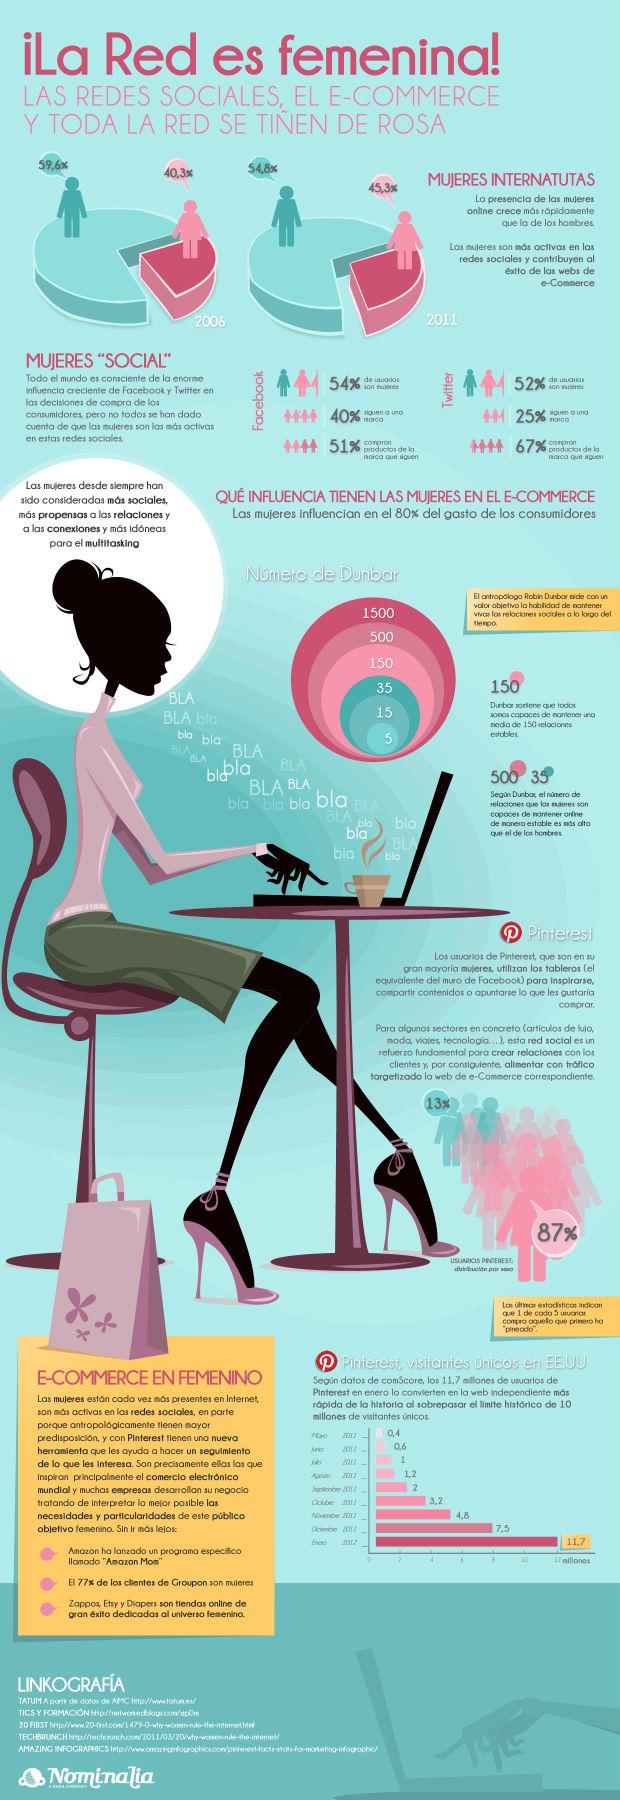 Las mujeres se apropian de la web y las redes sociales